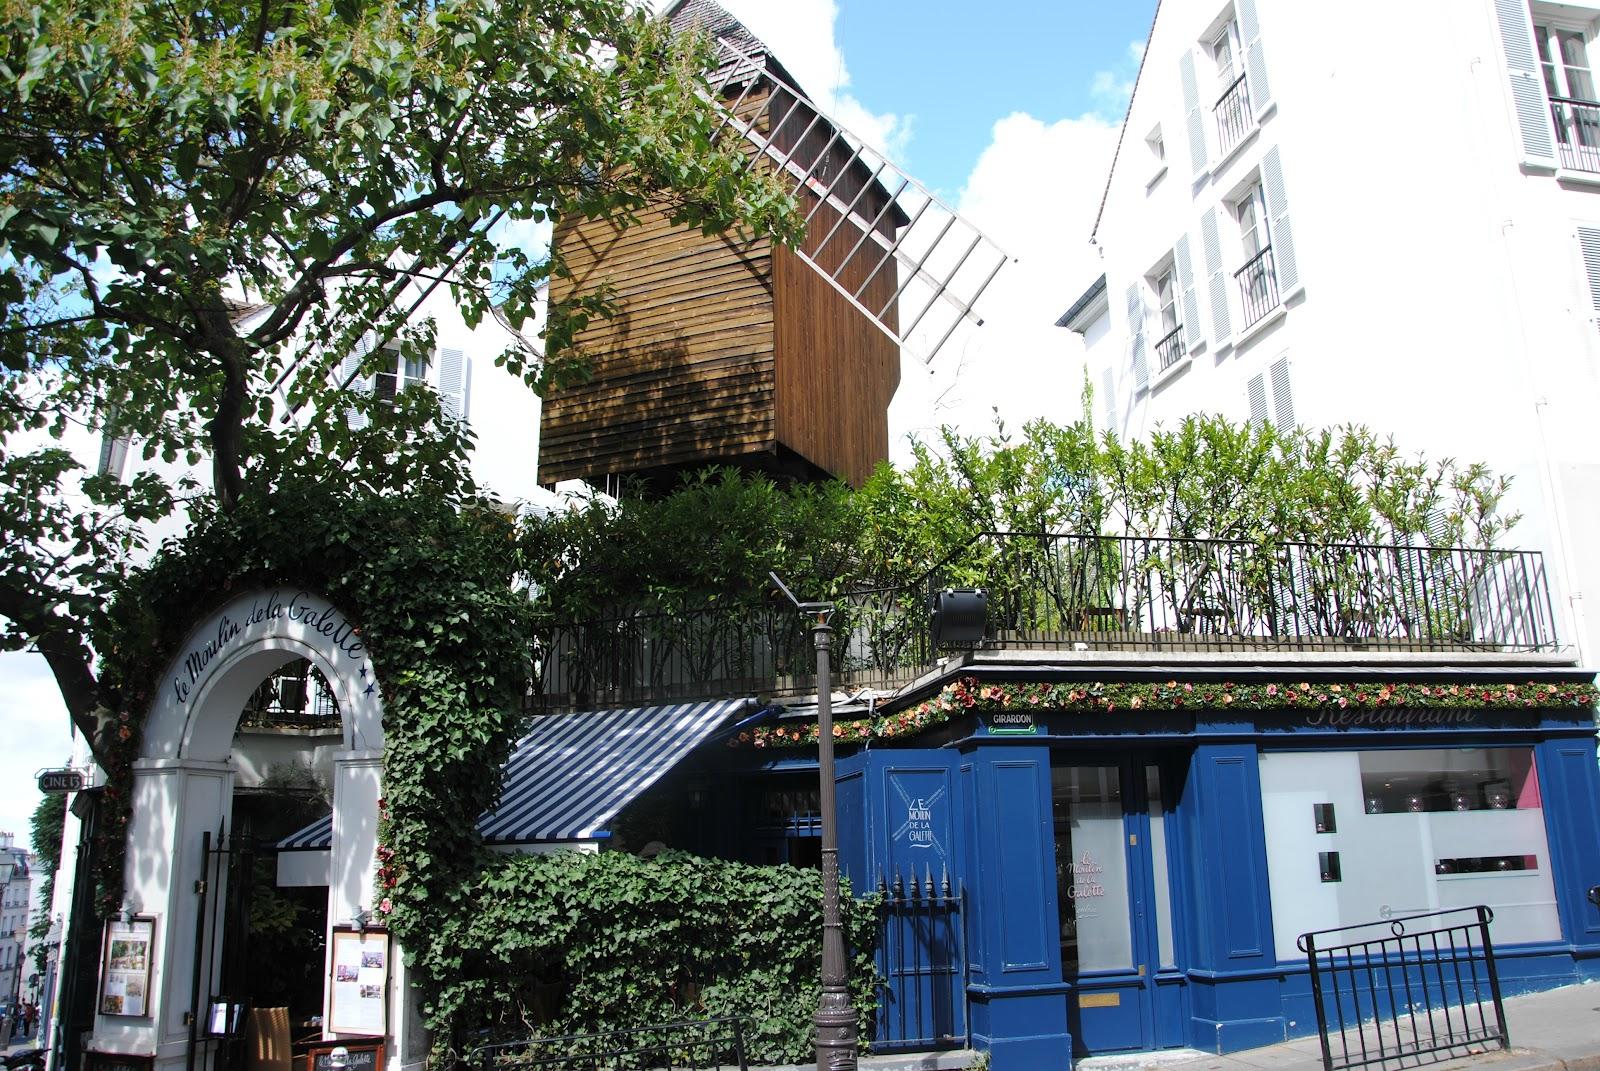 La gallinella bianca parigi per sognare for Parigi non turistica